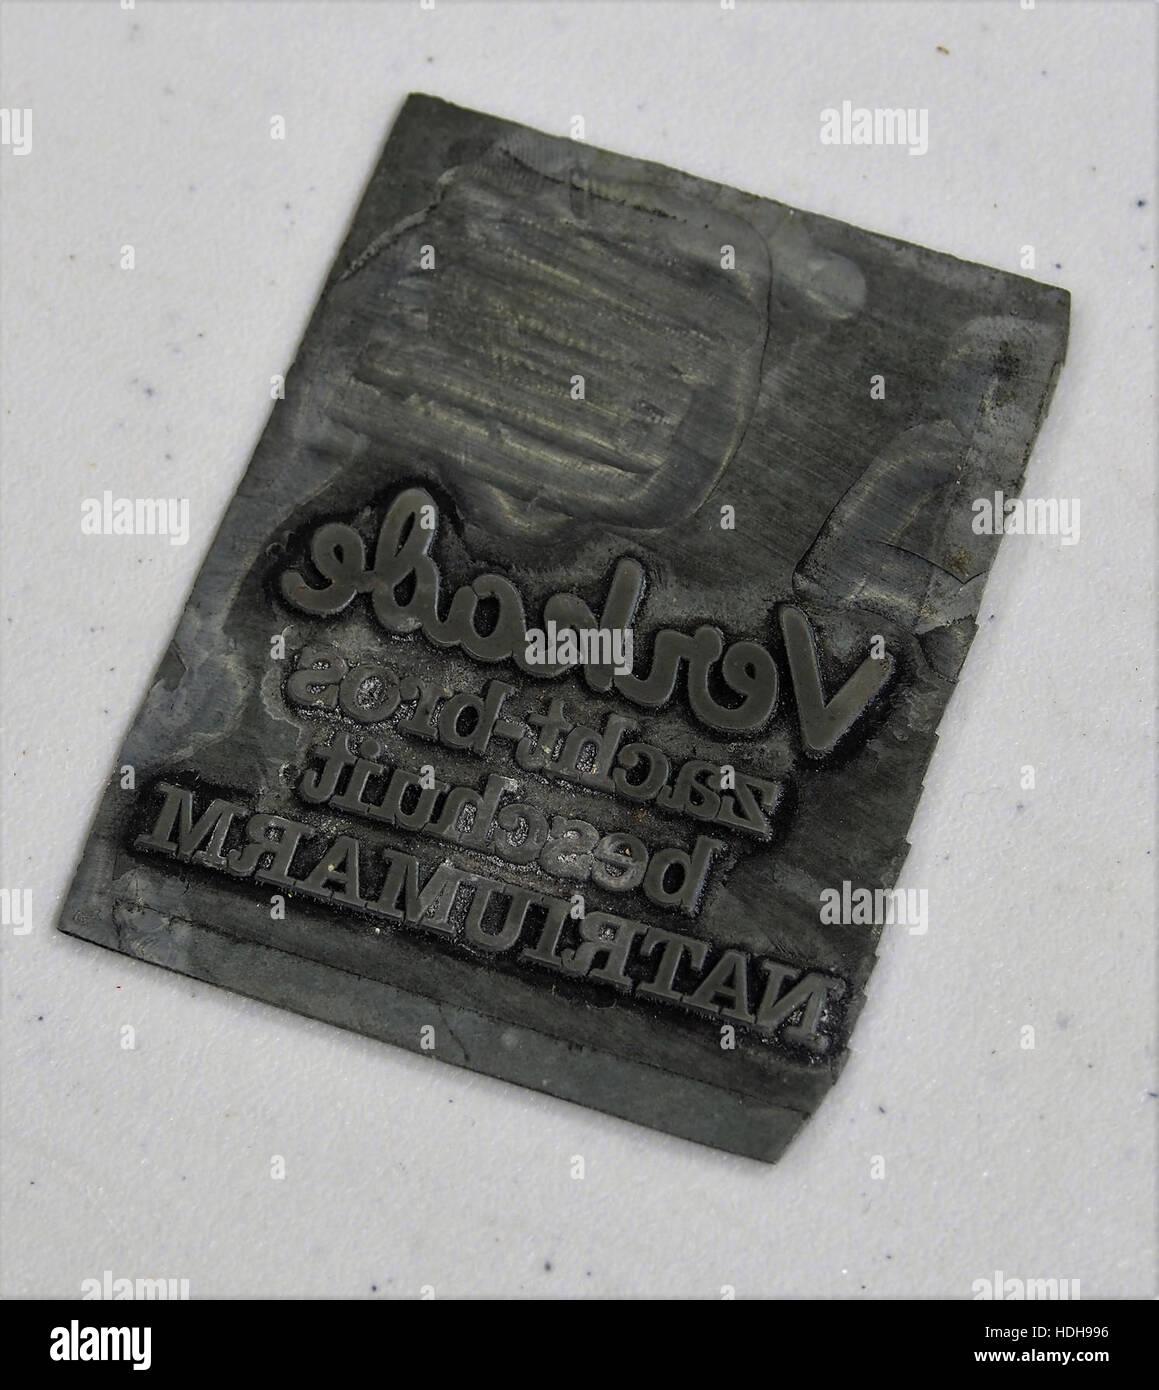 Verkade stempel - Stock Image